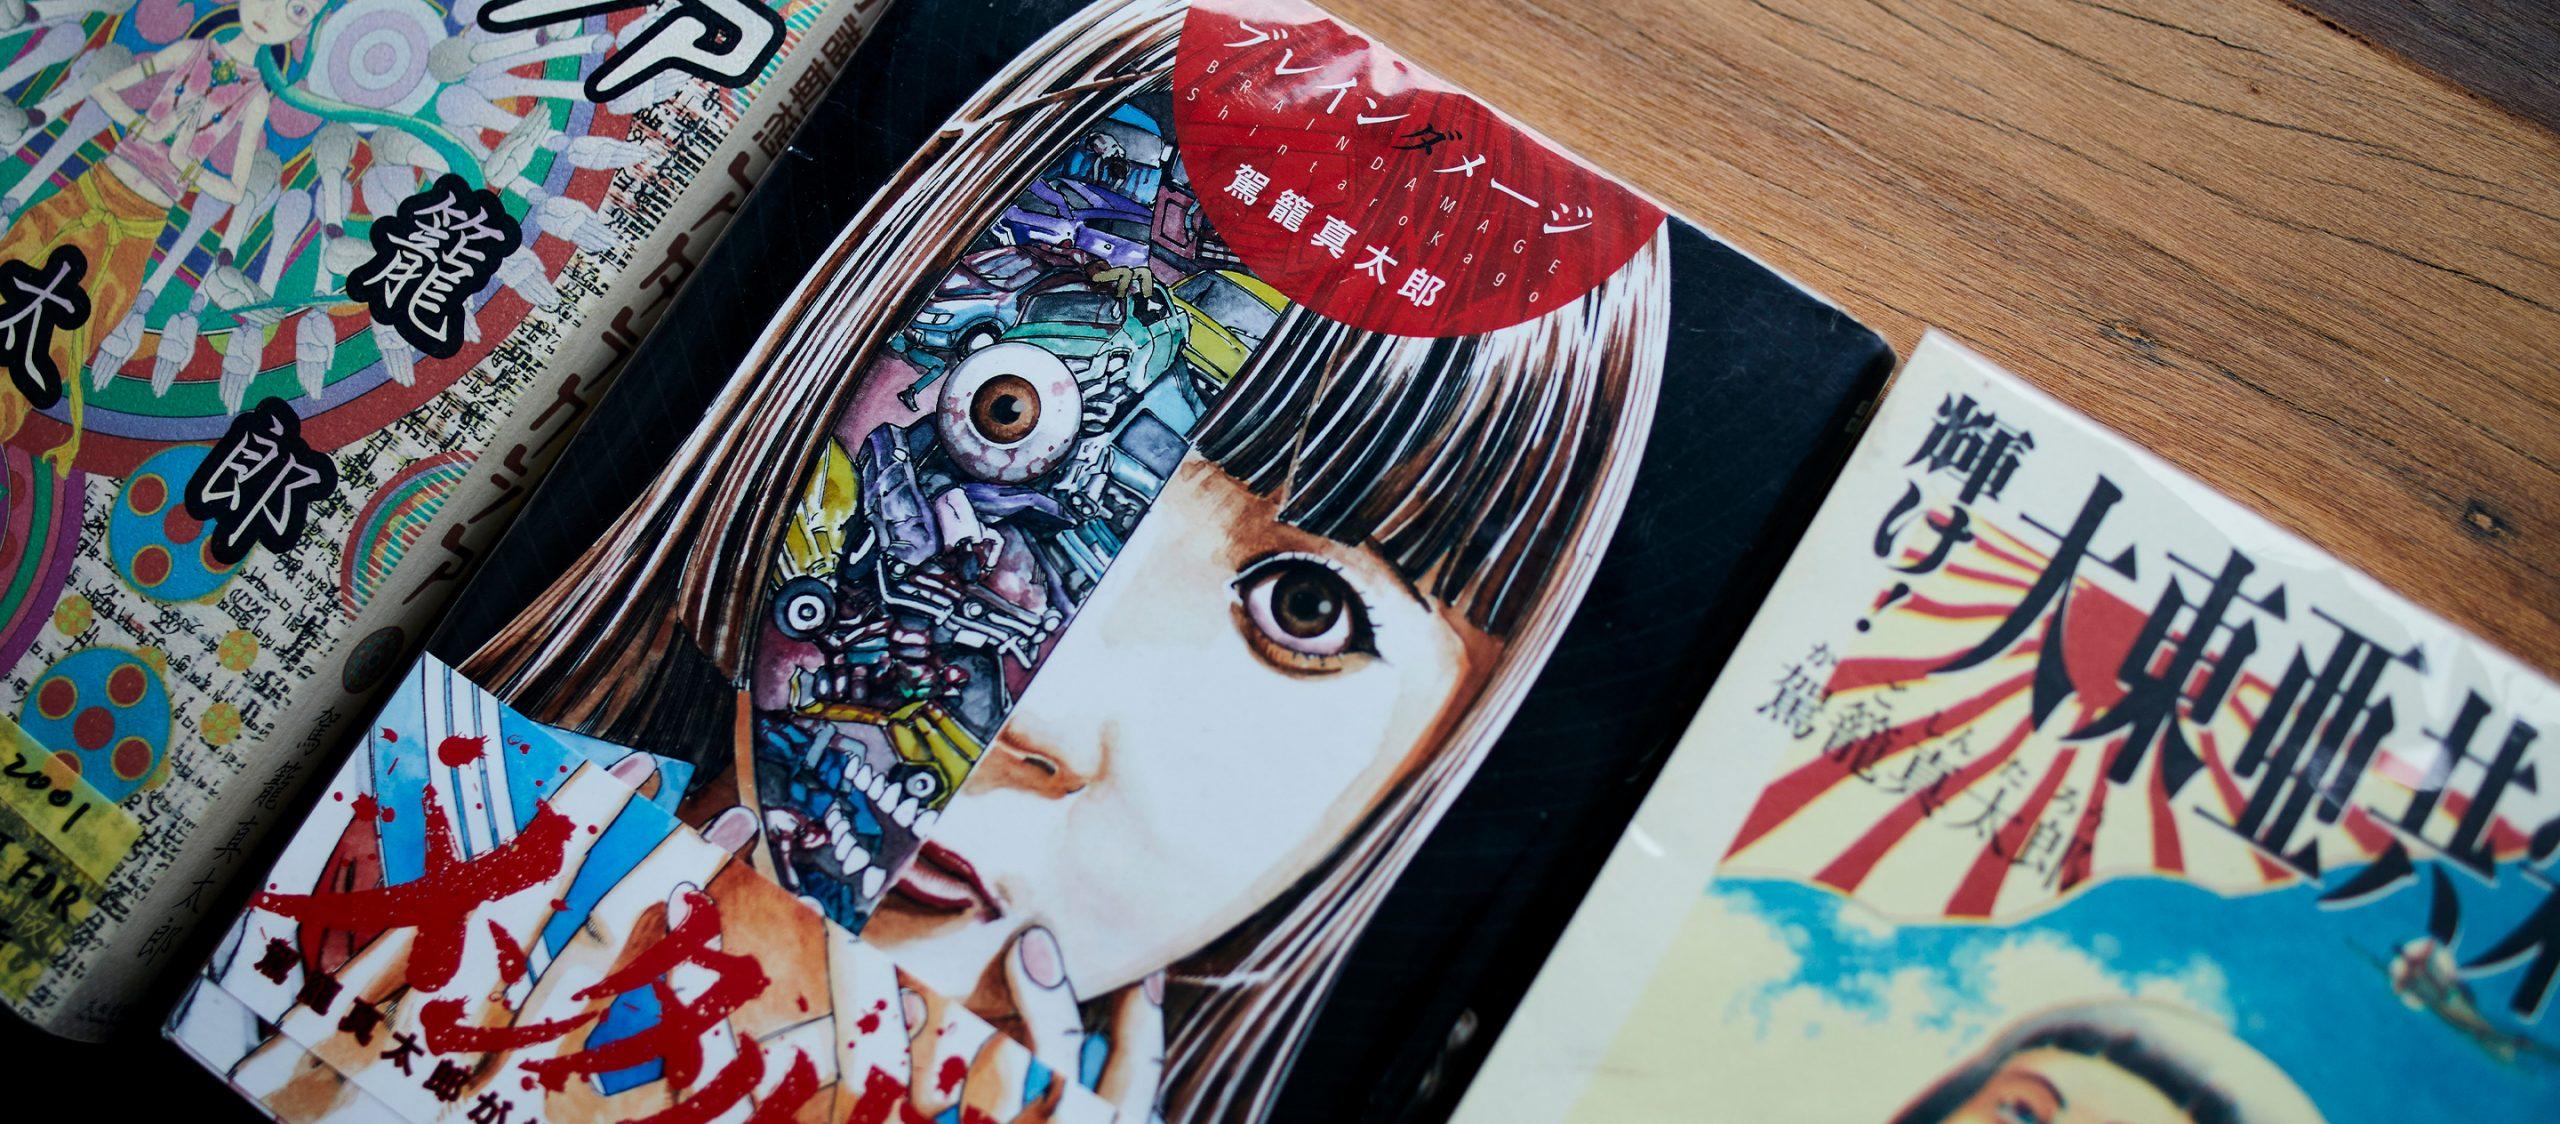 ตามไปหวีดในนิทรรศการมังงะสยองขวัญของชินทาโร่ เคโกะ นักวาดที่เคยสร้างความสะพรึงมาแล้วทั่วโลก